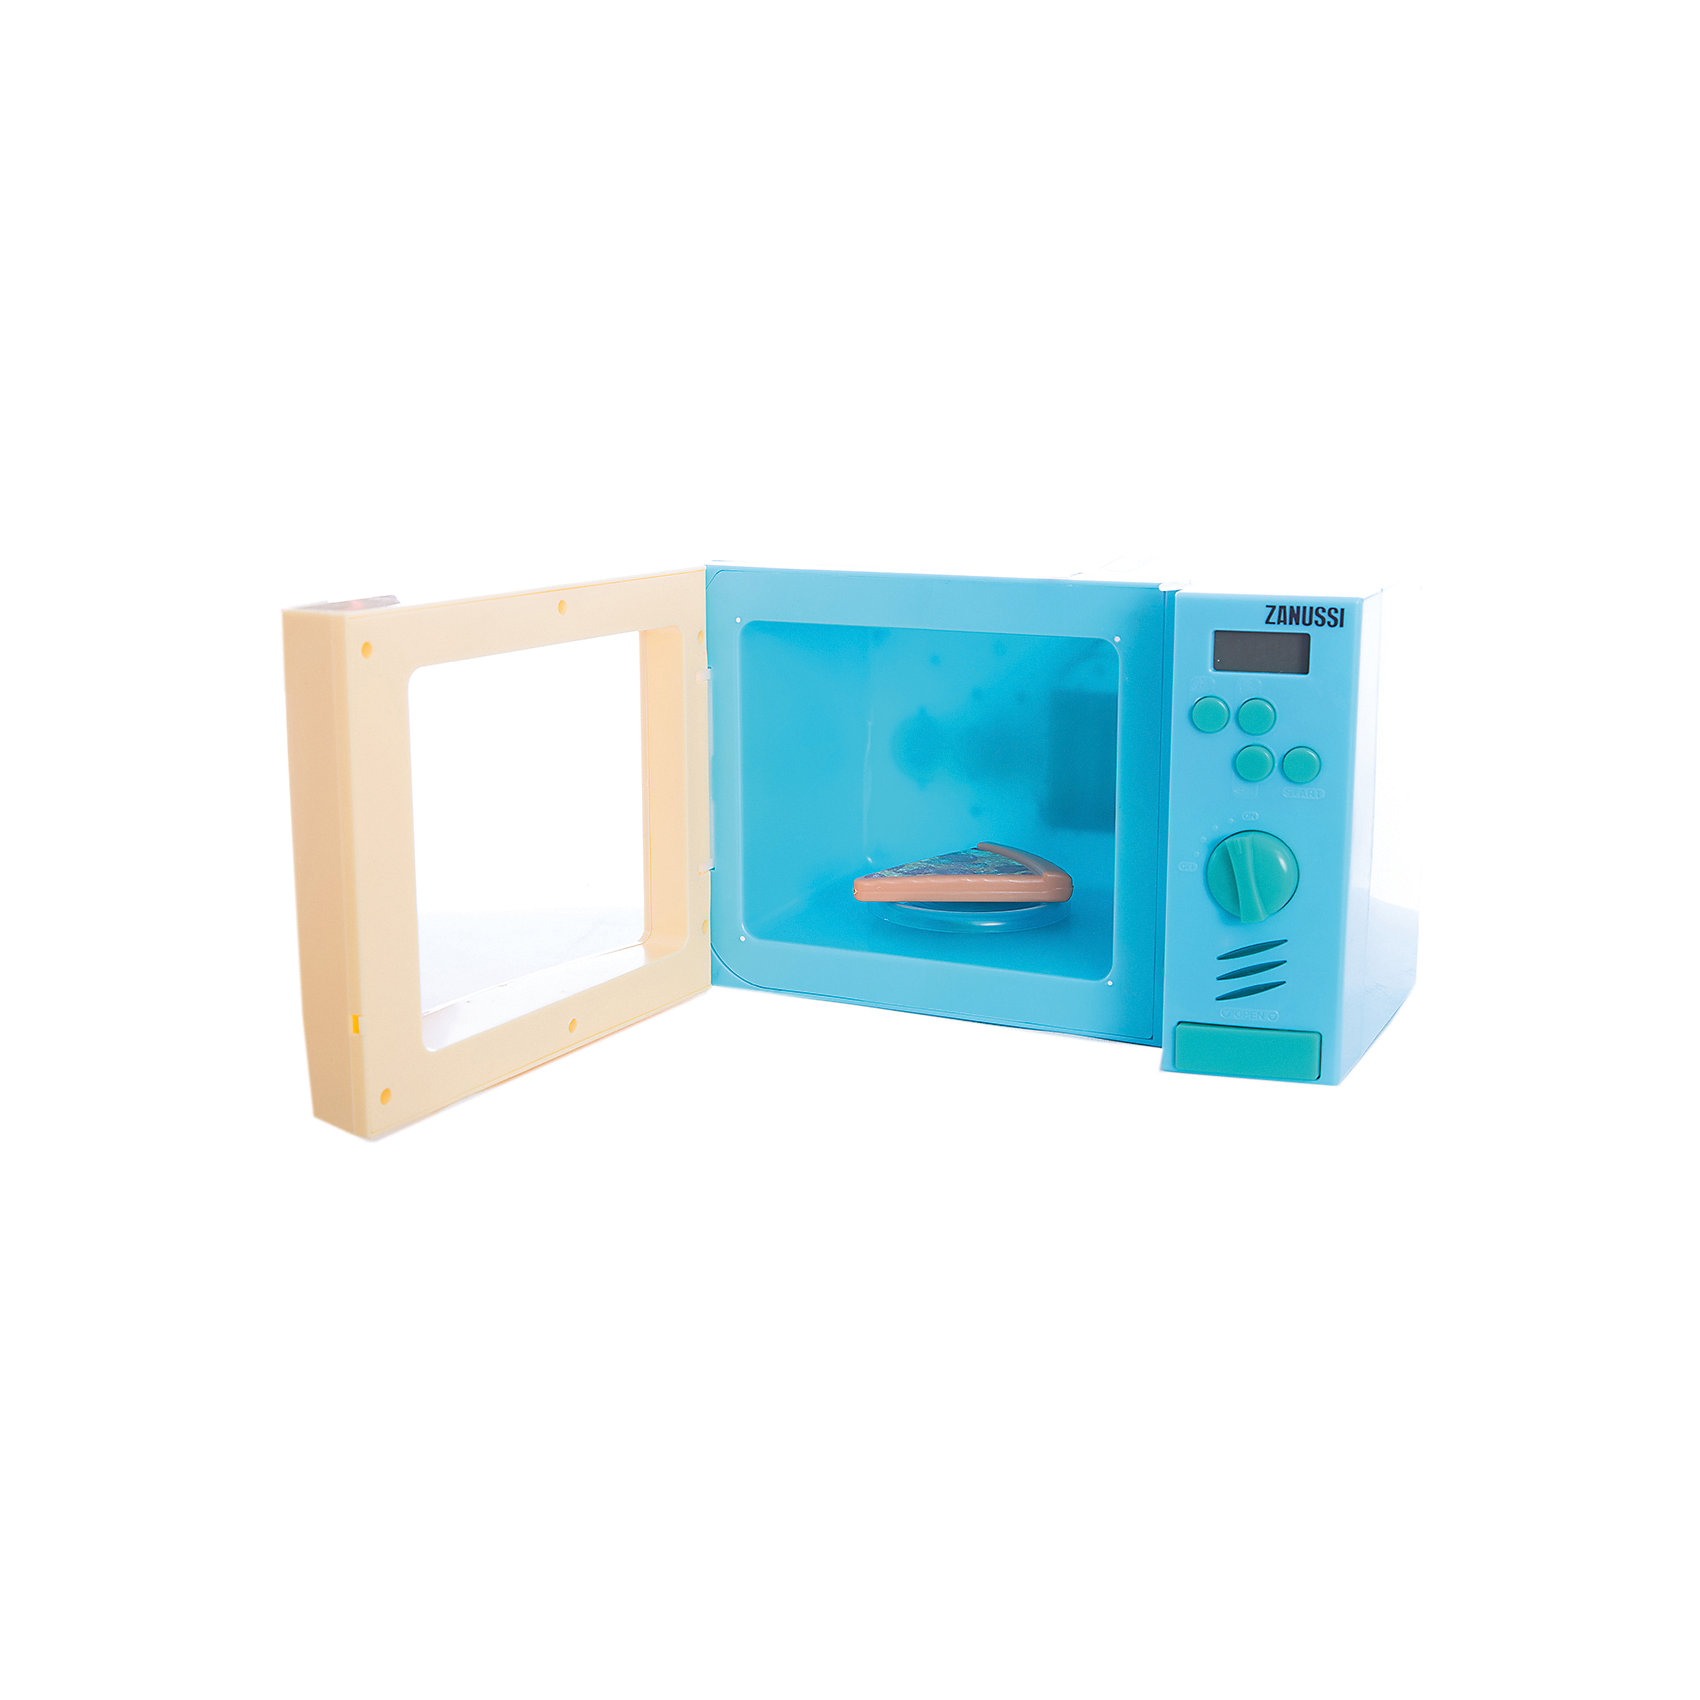 Микроволновая печь, HTIИгрушечная бытовая техника<br>Эта замечательная микроволновая печь выглядит как настоящая. Теперь ваша юная хозяйка без труда сможет разогреть обед для своих любимых кукол! Микроволновка снабжена четырьмя кнопками для приготовления блюд, поворачивающейся ручкой, а также большой кнопкой для открывания дверцы. Внутри находится круглая подставка для еды. При нажатии на кнопки или поворачивании ручки в печи включится голубой свет, подставка начнет вращаться, при этом будут слышны характерные звуки работы печи. Игрушка выполнена из высококачественных нетоксичных материалов безопасных для детей. Прекрасный подарок для юных поварят! <br><br>Дополнительная информация:<br><br>- Материал: пластик, металл.<br>- Размер: 27,5х18х15,5 см.<br>- Звуковые, световые эффекты.<br>- Подставка вращается.<br>- После завершения работы слышится звуковой сигнал. <br>- Элемент питания: 3 АА батарейки (не входят в комплект).<br><br>Микроволновую печь, HTI, можно купить в нашем магазине.<br><br>Ширина мм: 275<br>Глубина мм: 155<br>Высота мм: 180<br>Вес г: 1000<br>Возраст от месяцев: 36<br>Возраст до месяцев: 168<br>Пол: Женский<br>Возраст: Детский<br>SKU: 4600416